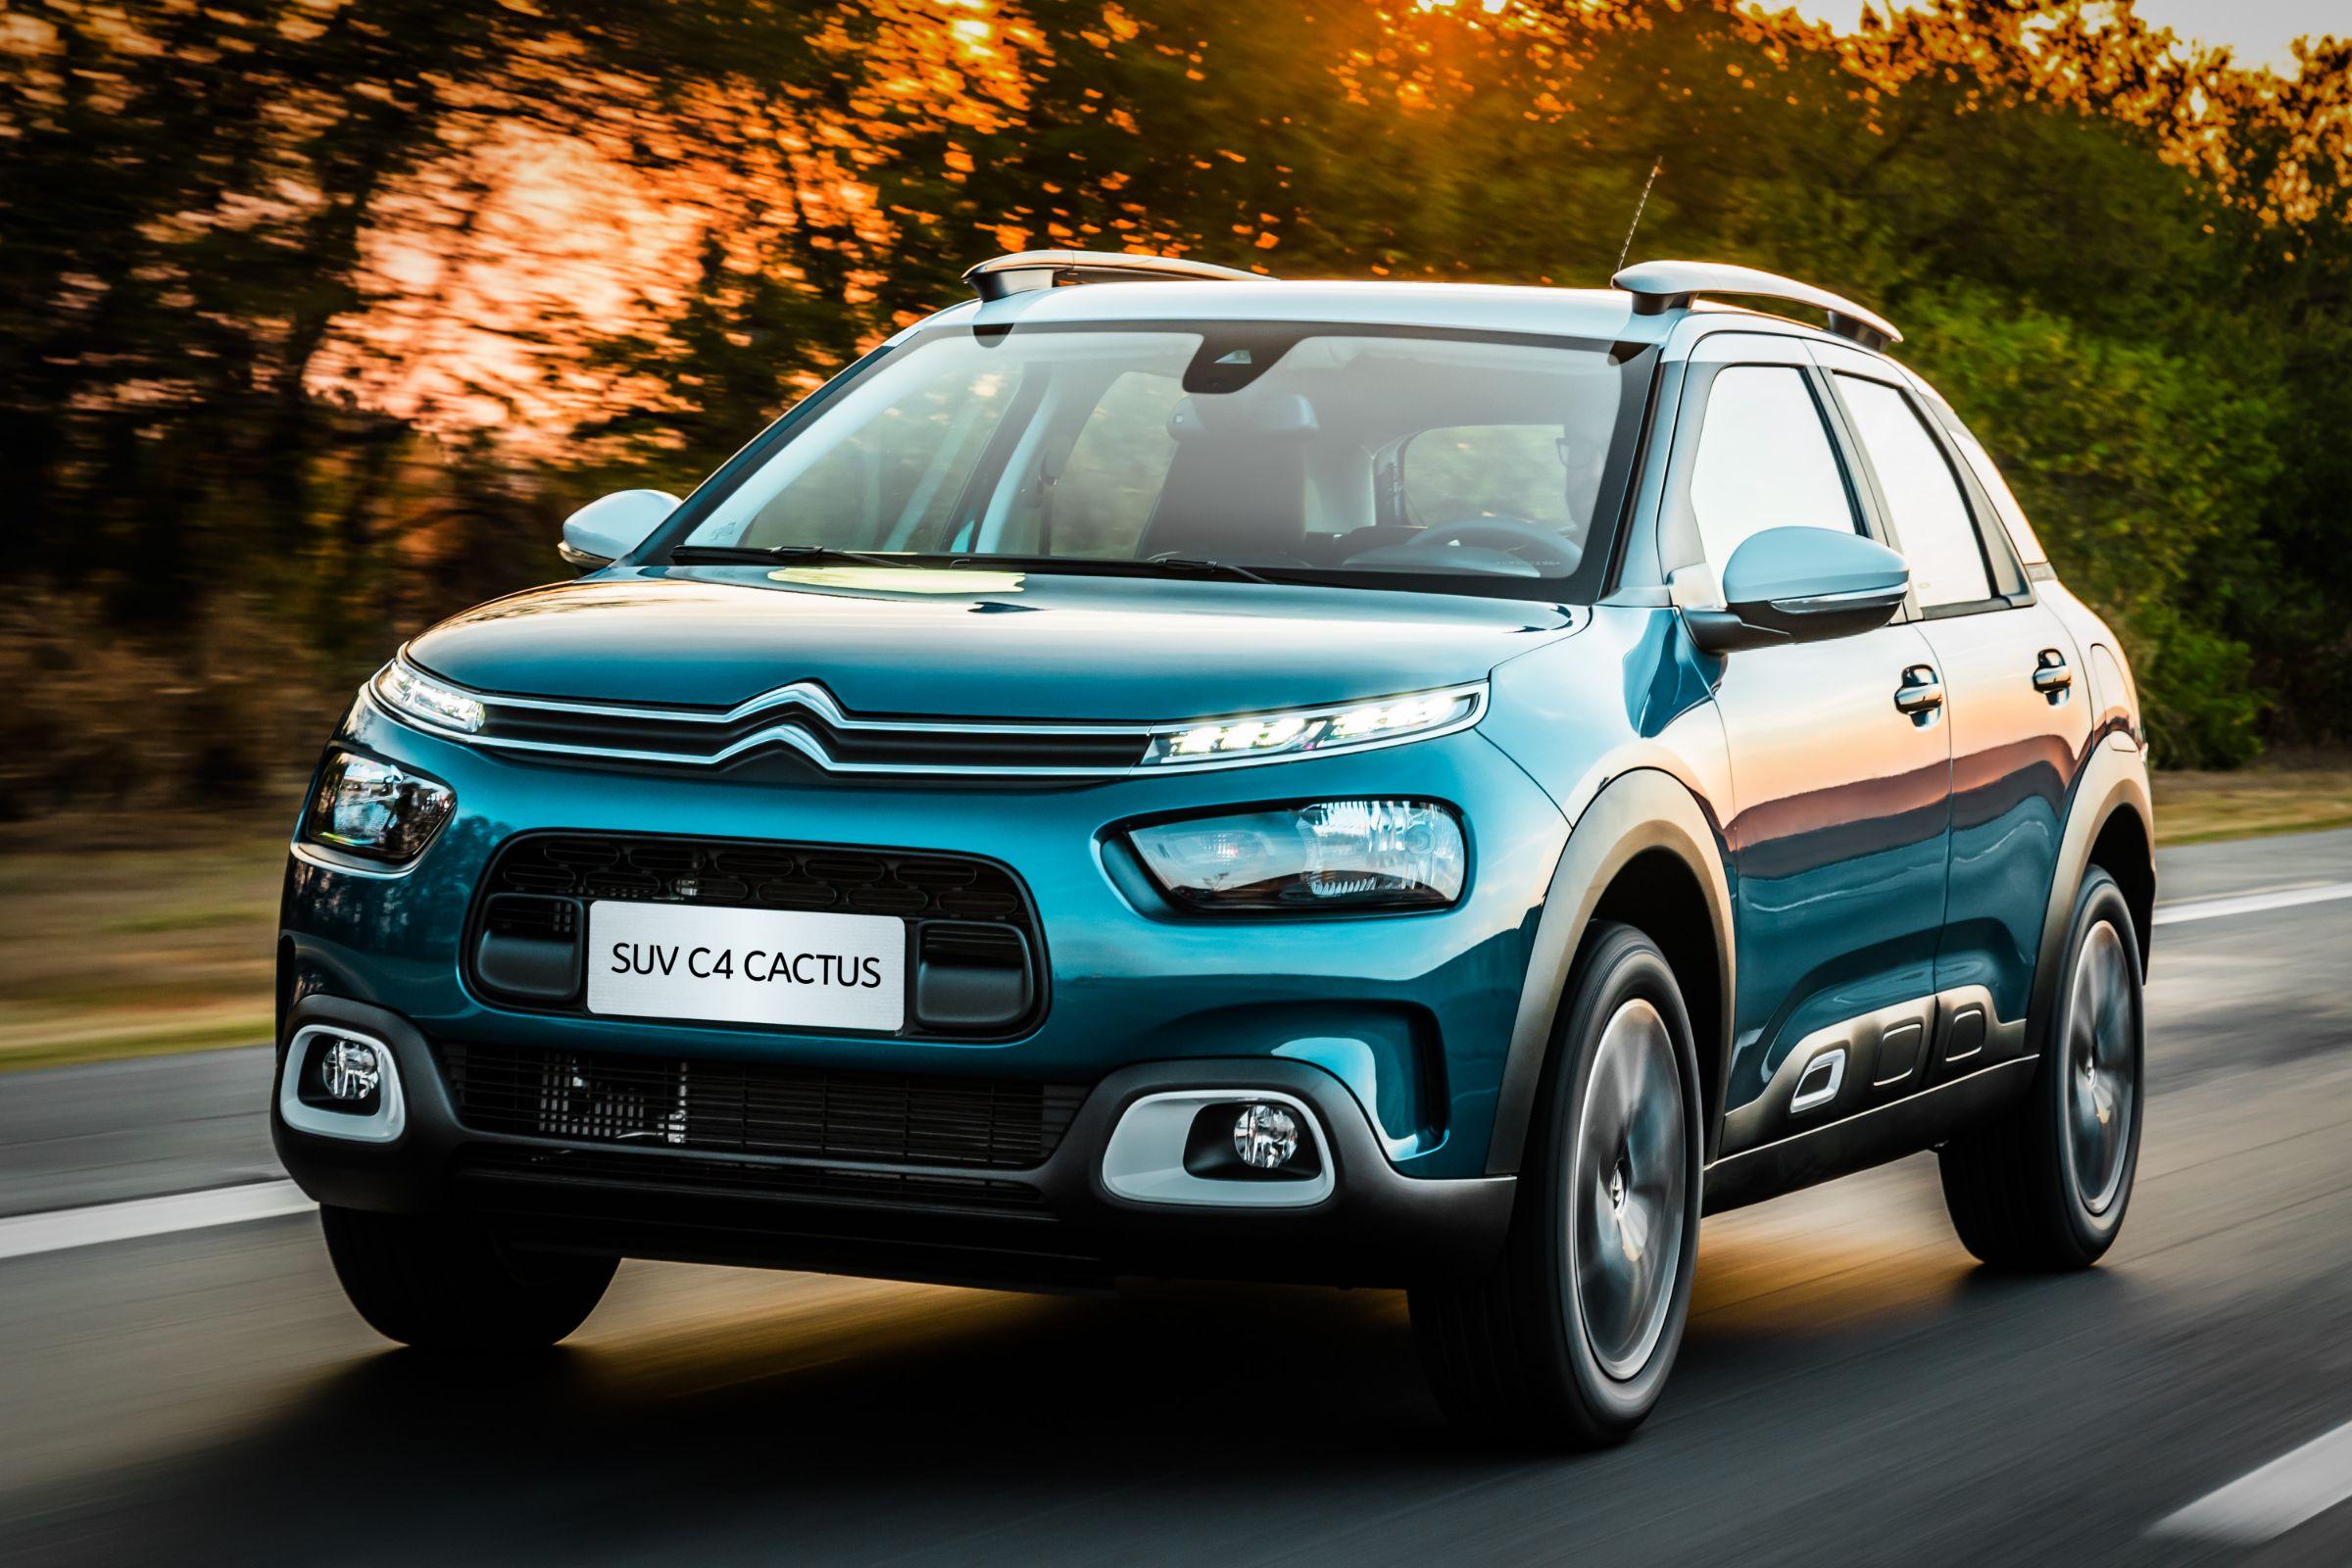 C4 Cactus tem como missão ser um divisor de águas e restaurar a imagem da Citroën no Brasil